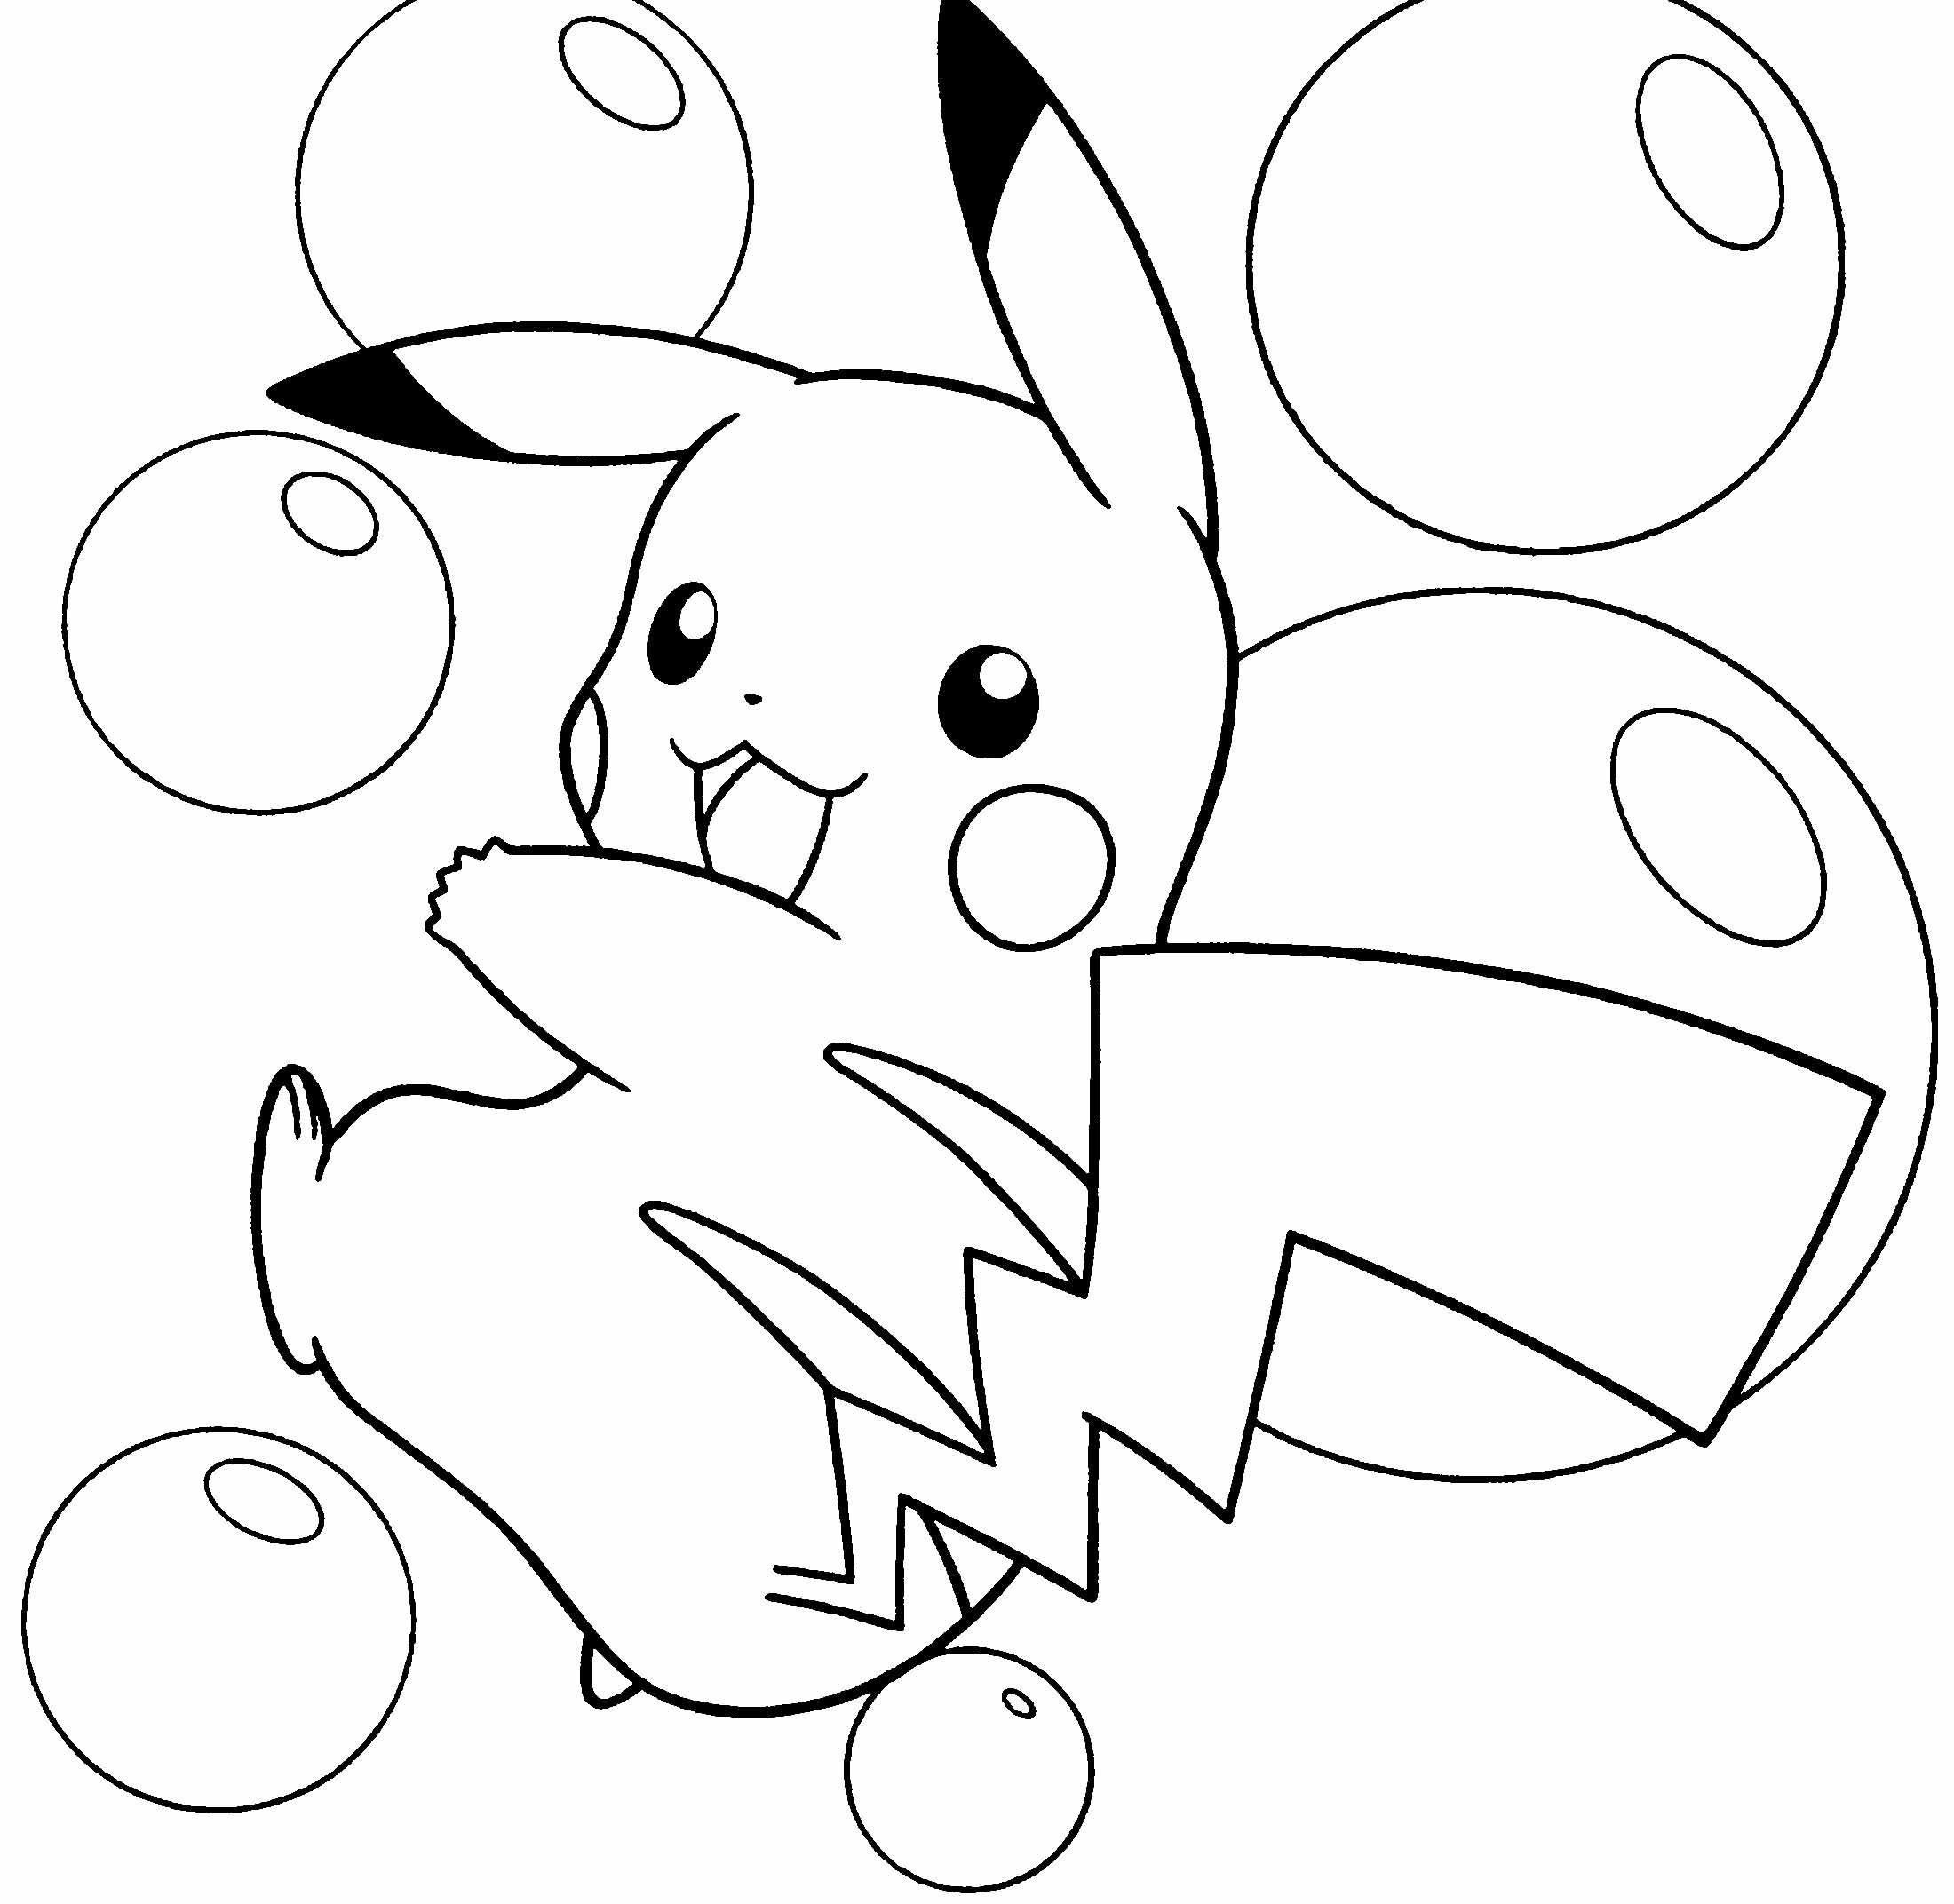 Tranh tô màu pikachu cho bé